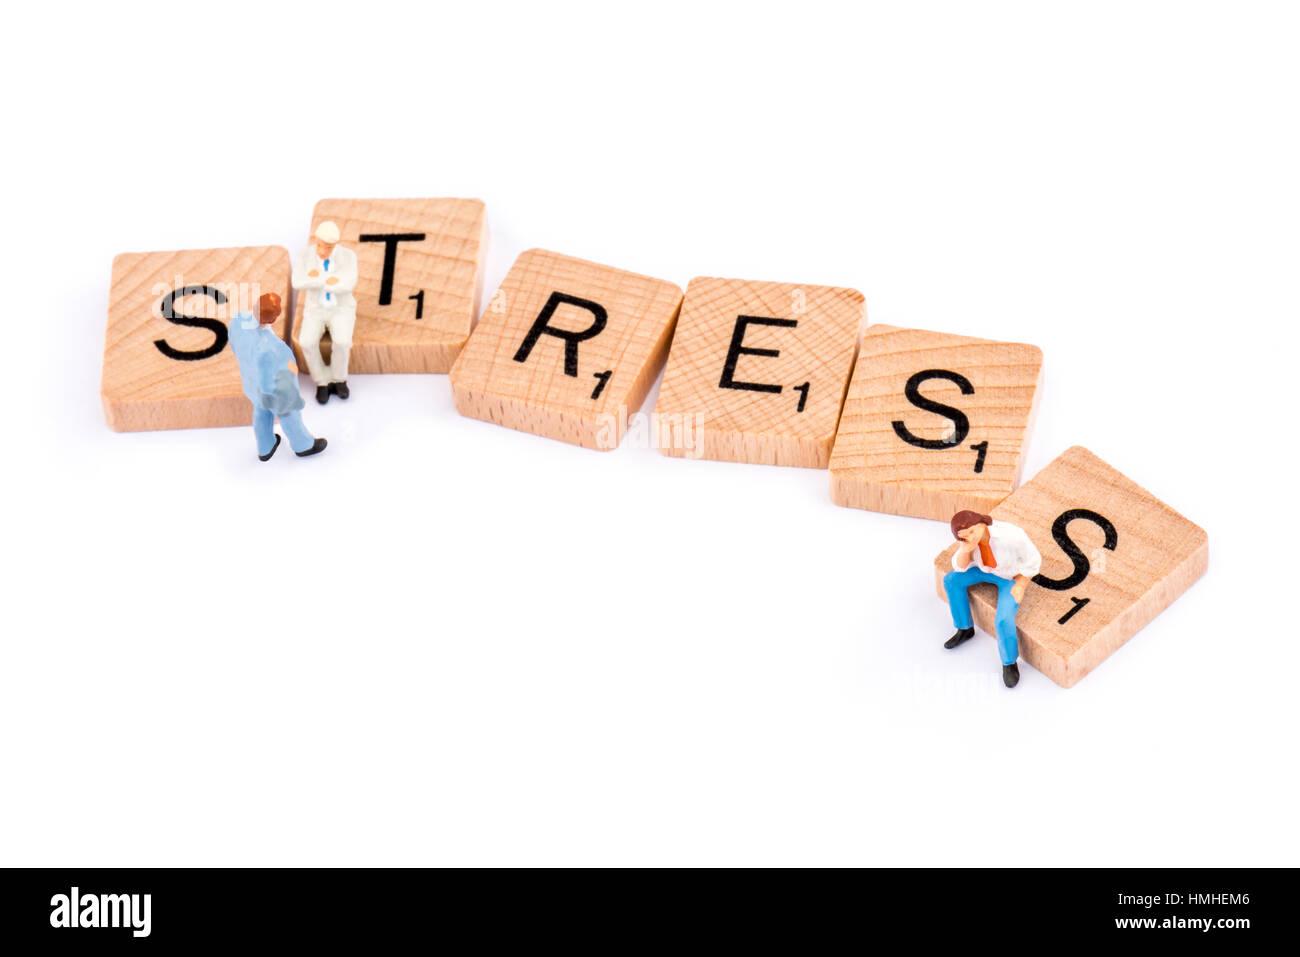 Scrabble letras componen la palabra estrés dos figuras ignorar un hombre joven sentado en la letra S. Imagen De Stock